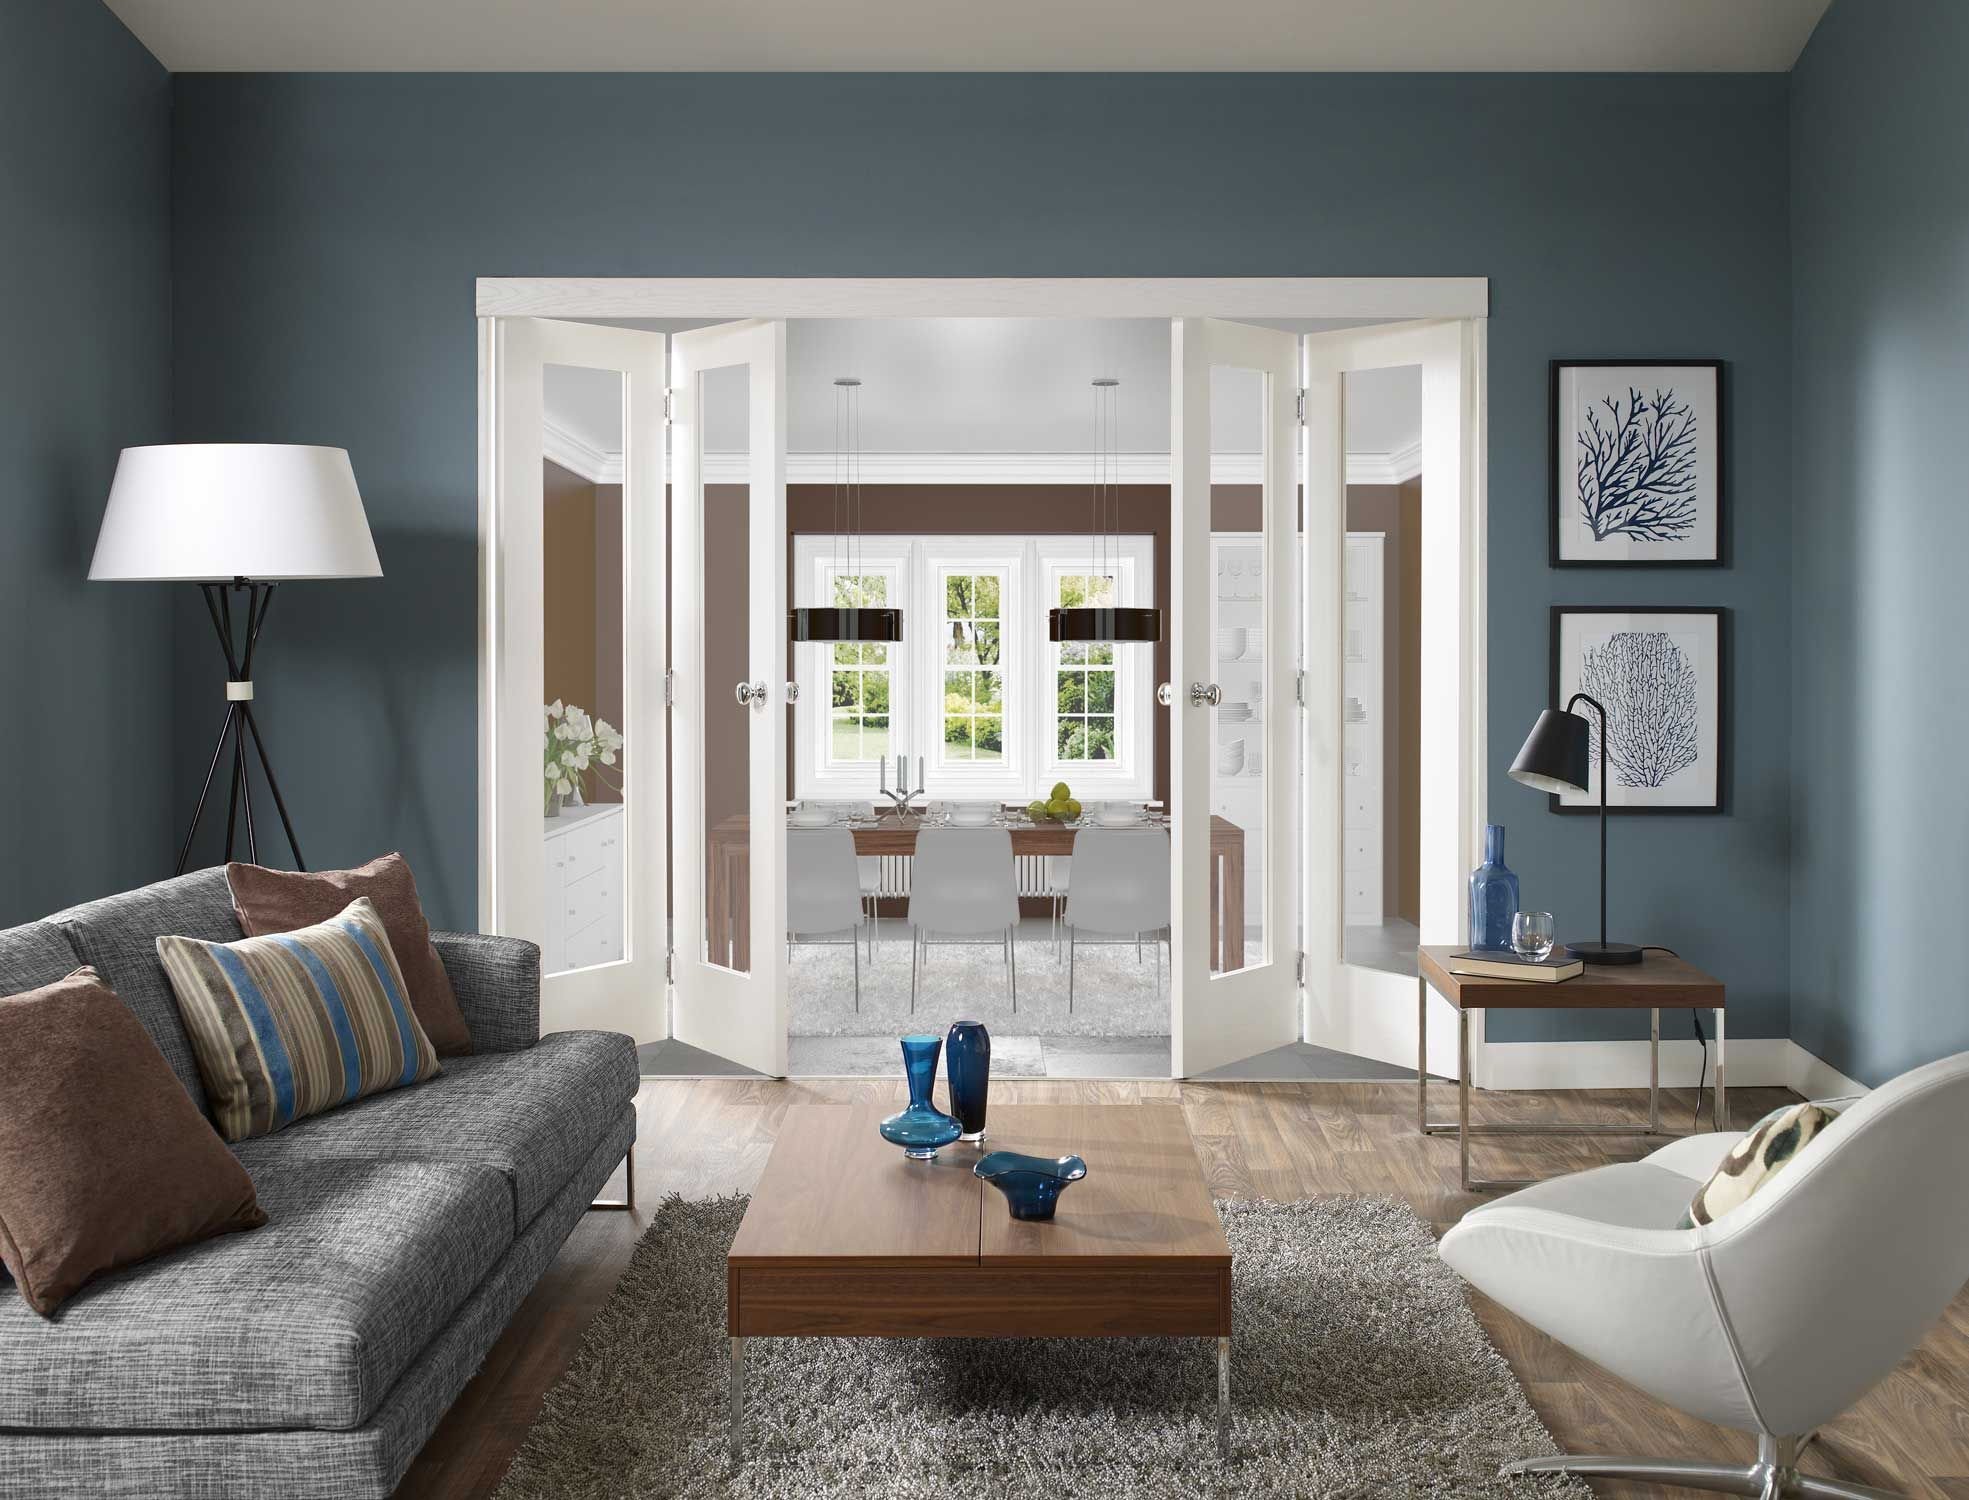 Modernes Wohnzimmer Blau Mit Falt Innentren Weiss